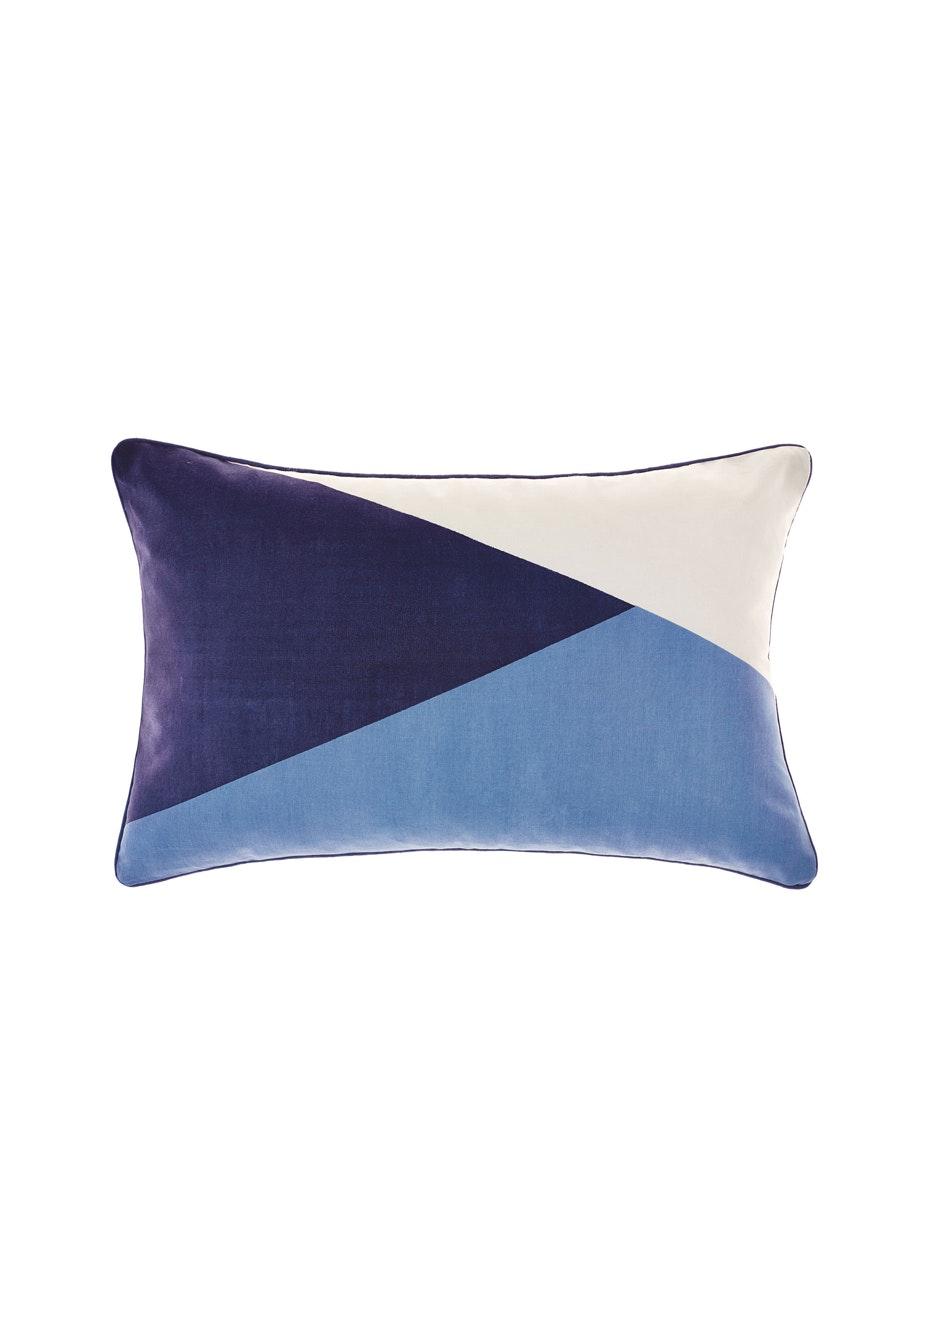 Nu Edition - Van 35X55cm Cushion